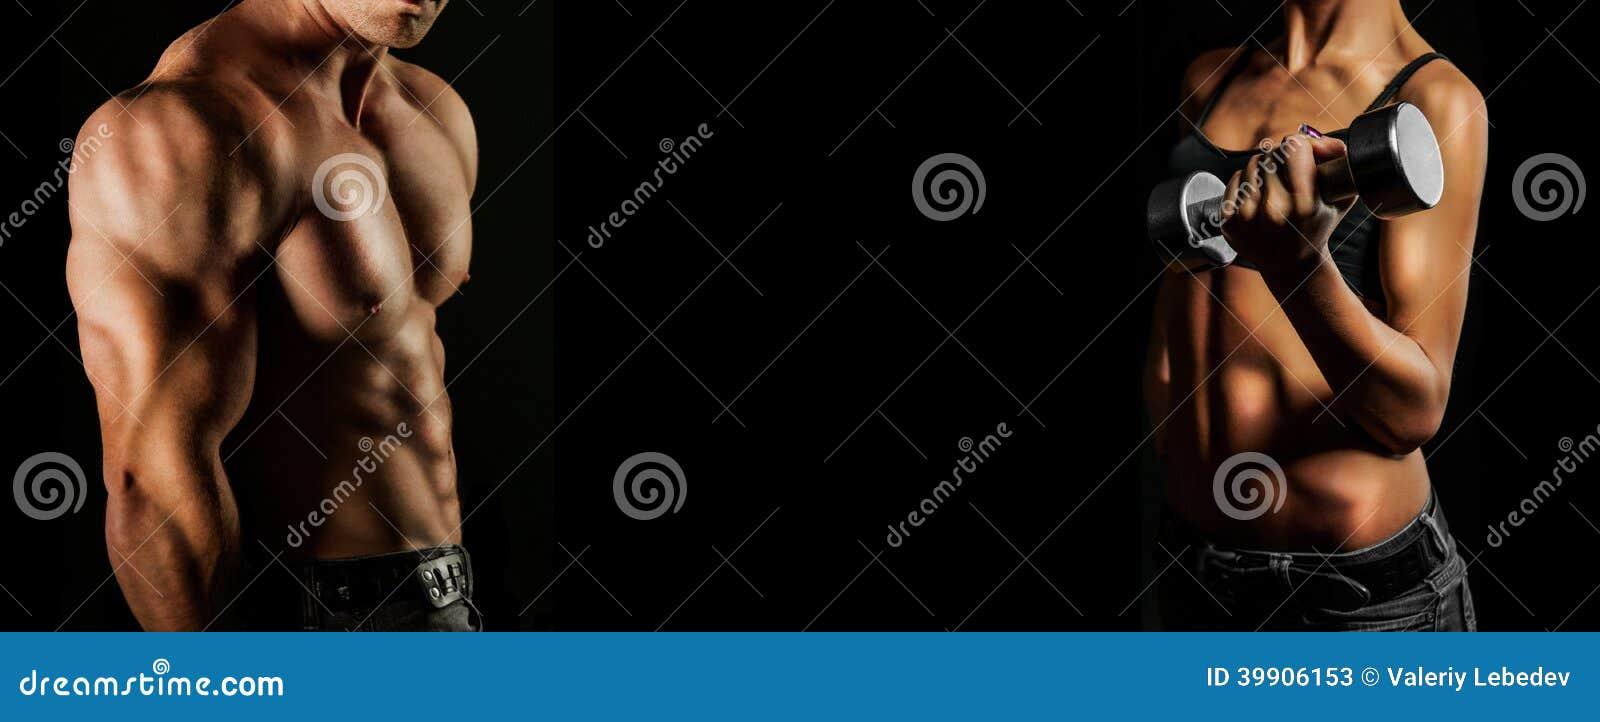 Levantamiento de pesas. Hombre y mujer